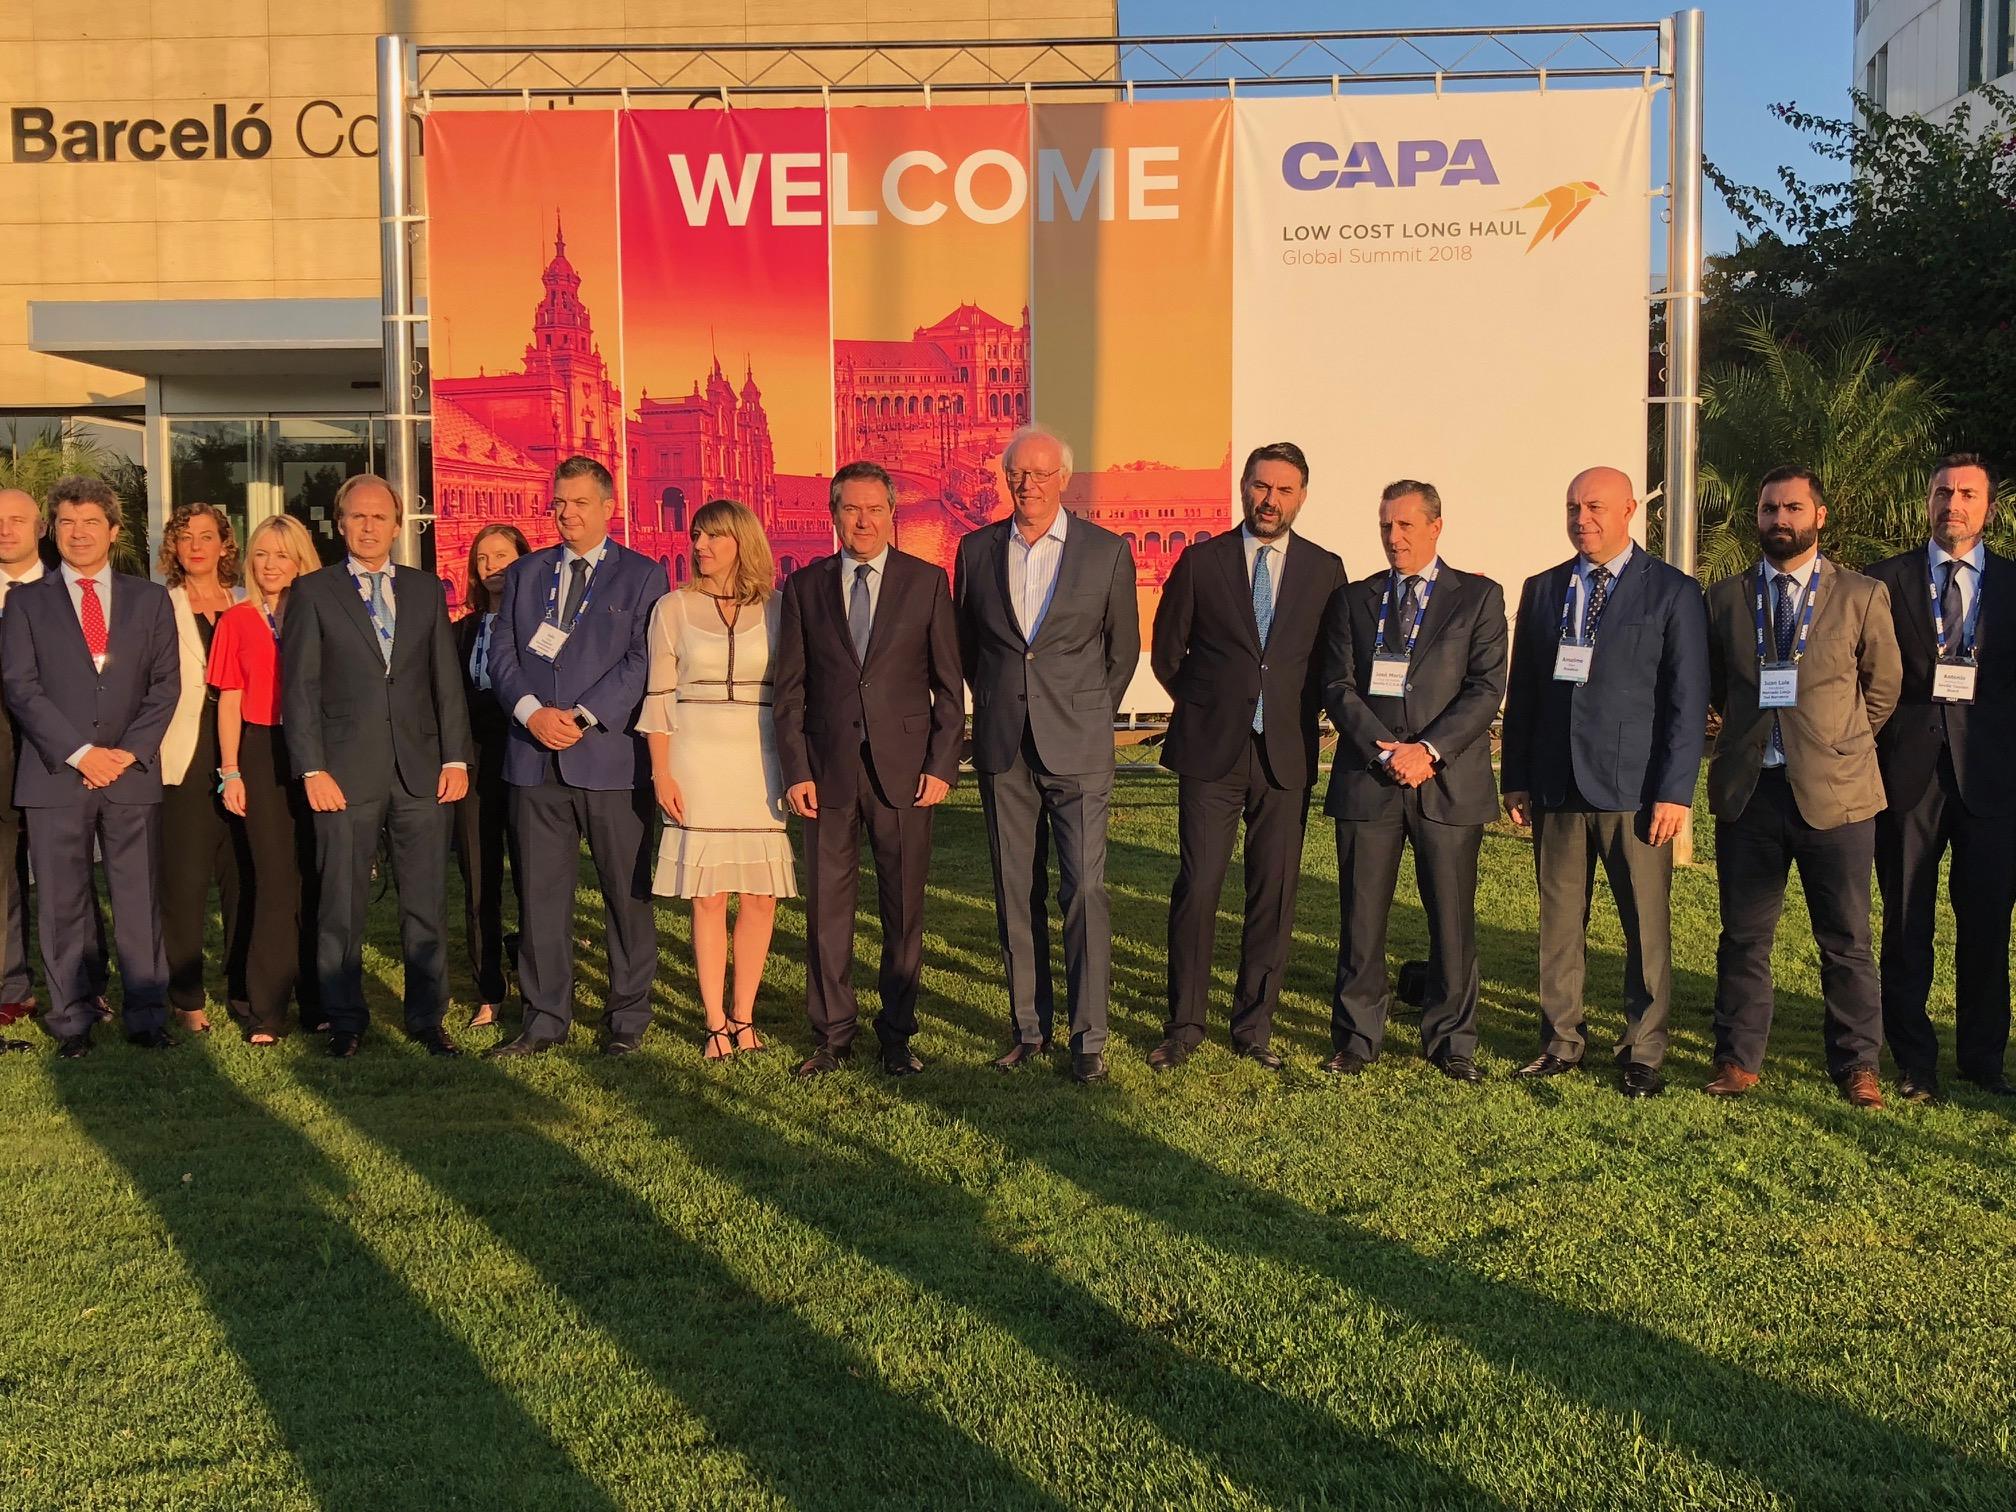 Fernández valora la importancia de las compañías aéreas 'low cost' porque permiten mayor conectividad para los destinos